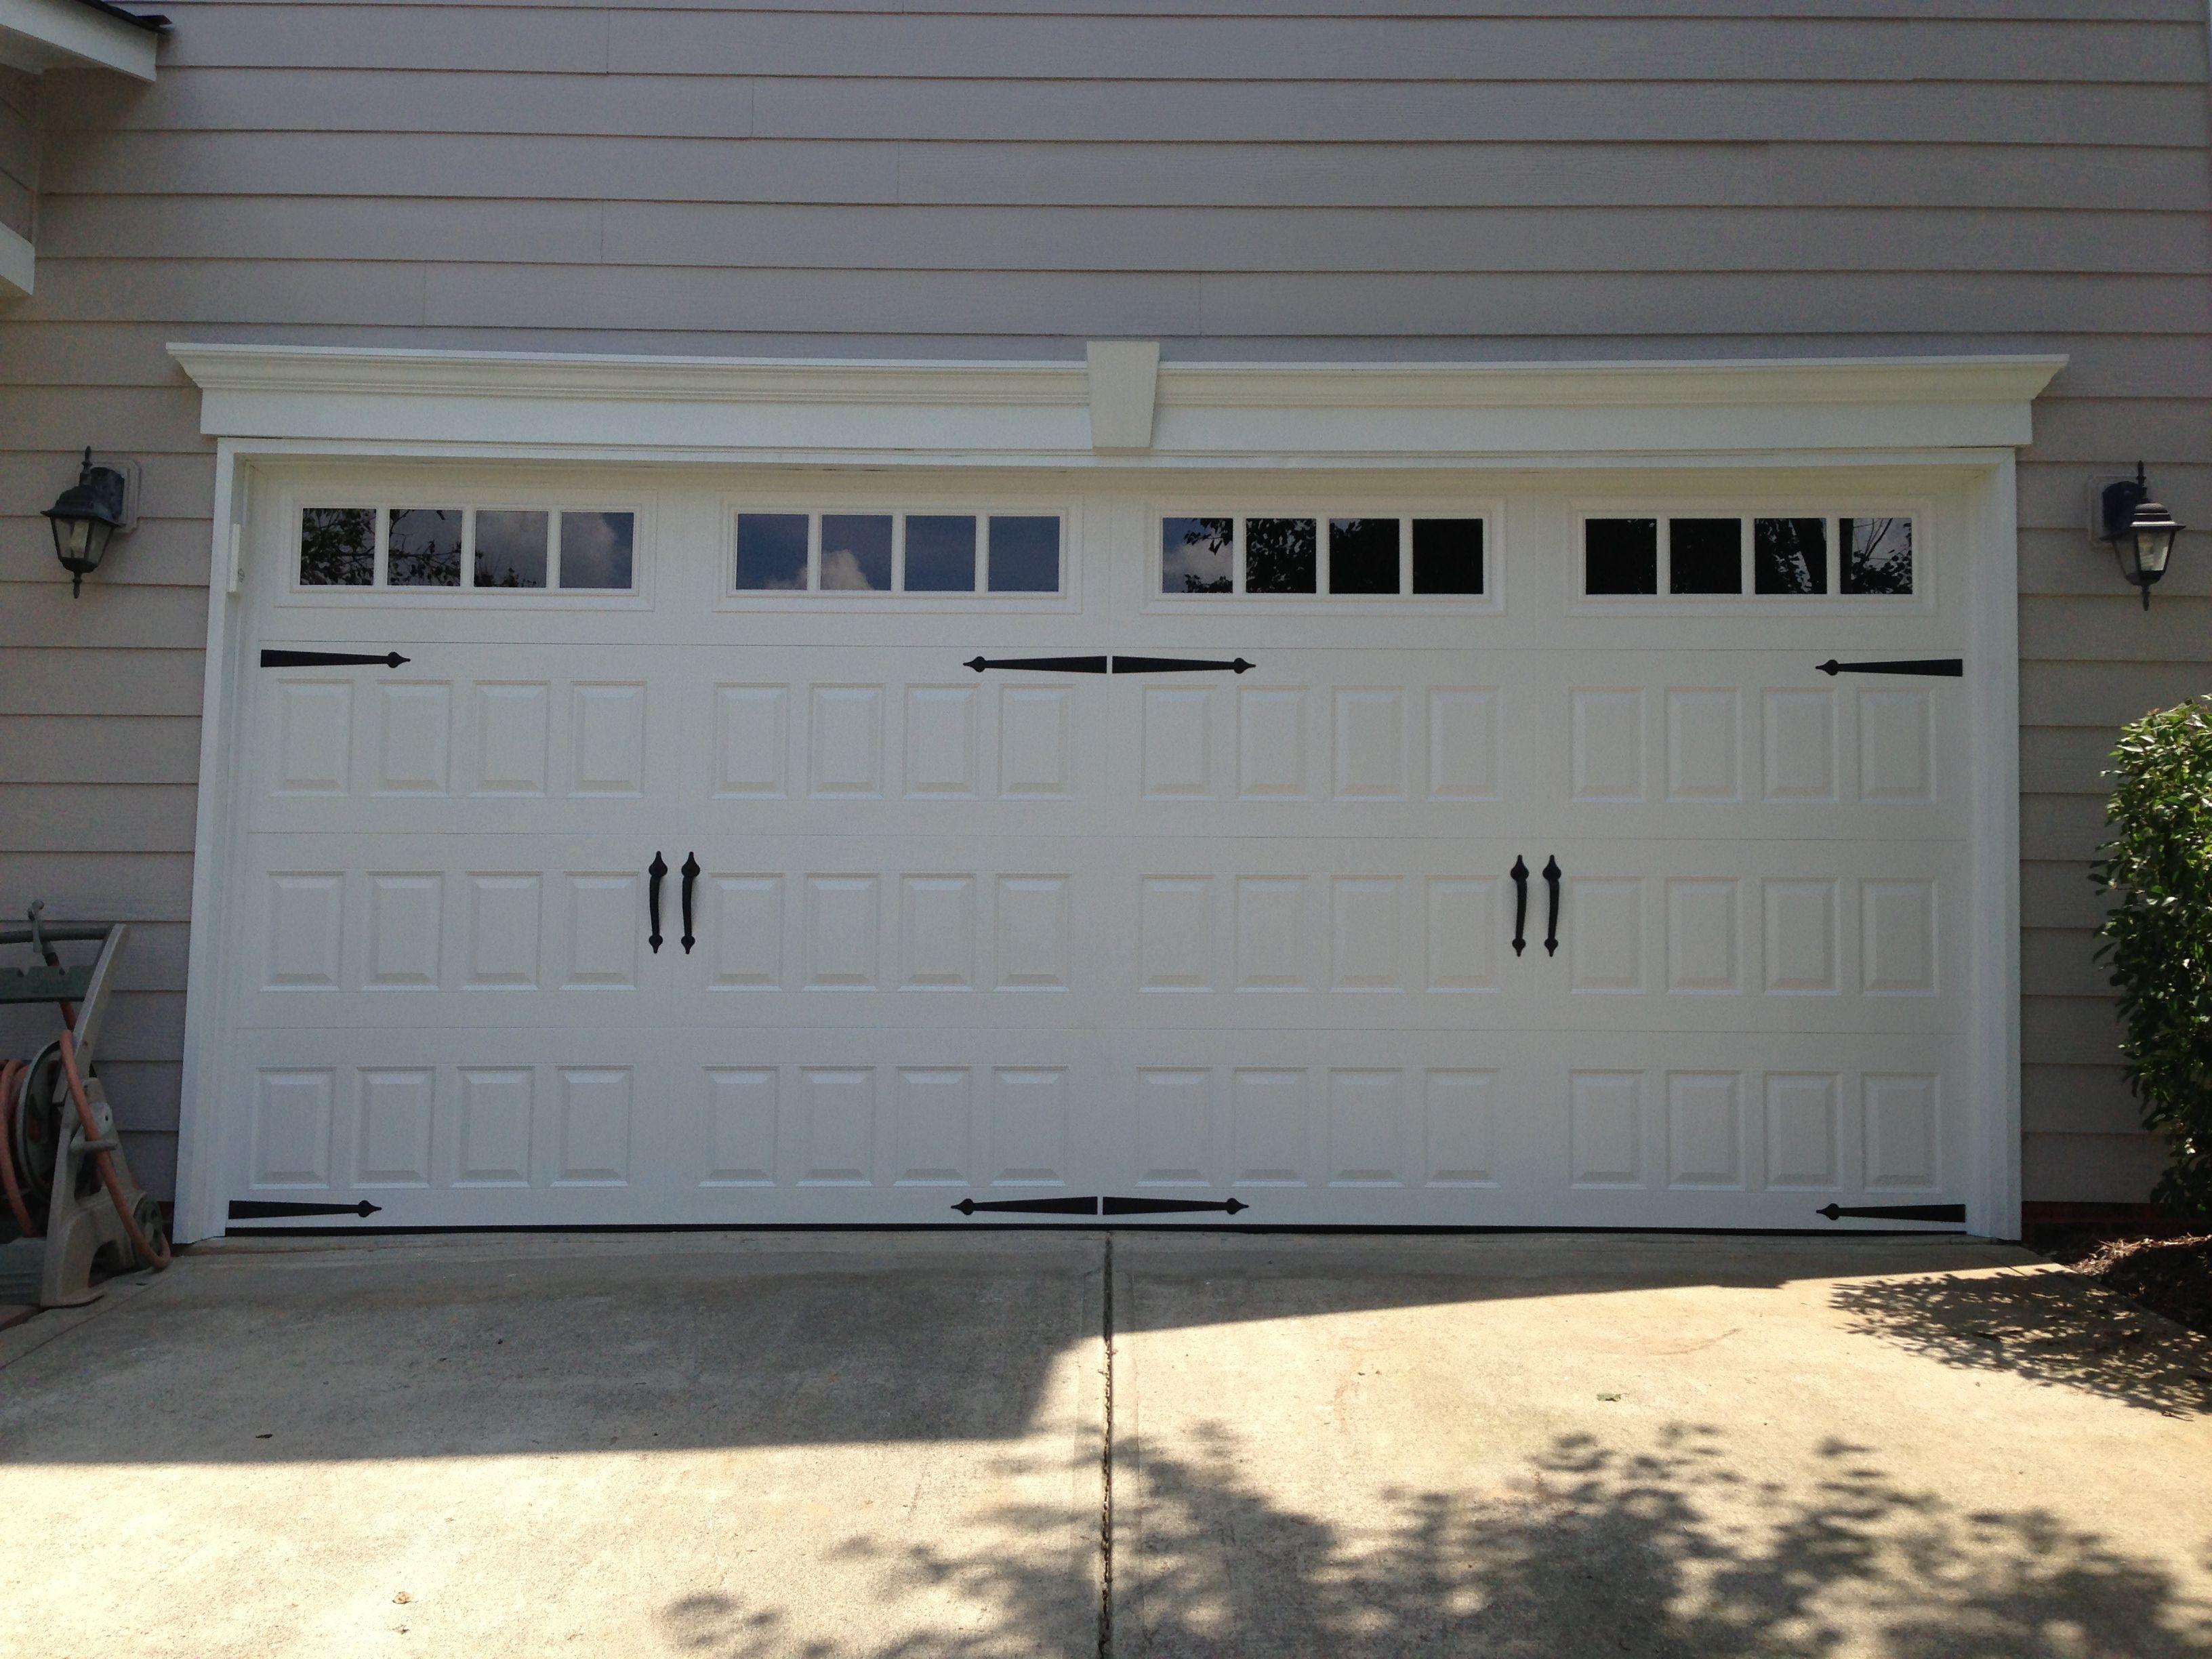 Steel Raised Panel Carriage House Garage Door With Windows Garage Ideas Carriage Do Garage Door Styles Carriage House Garage Doors Carriage House Garage